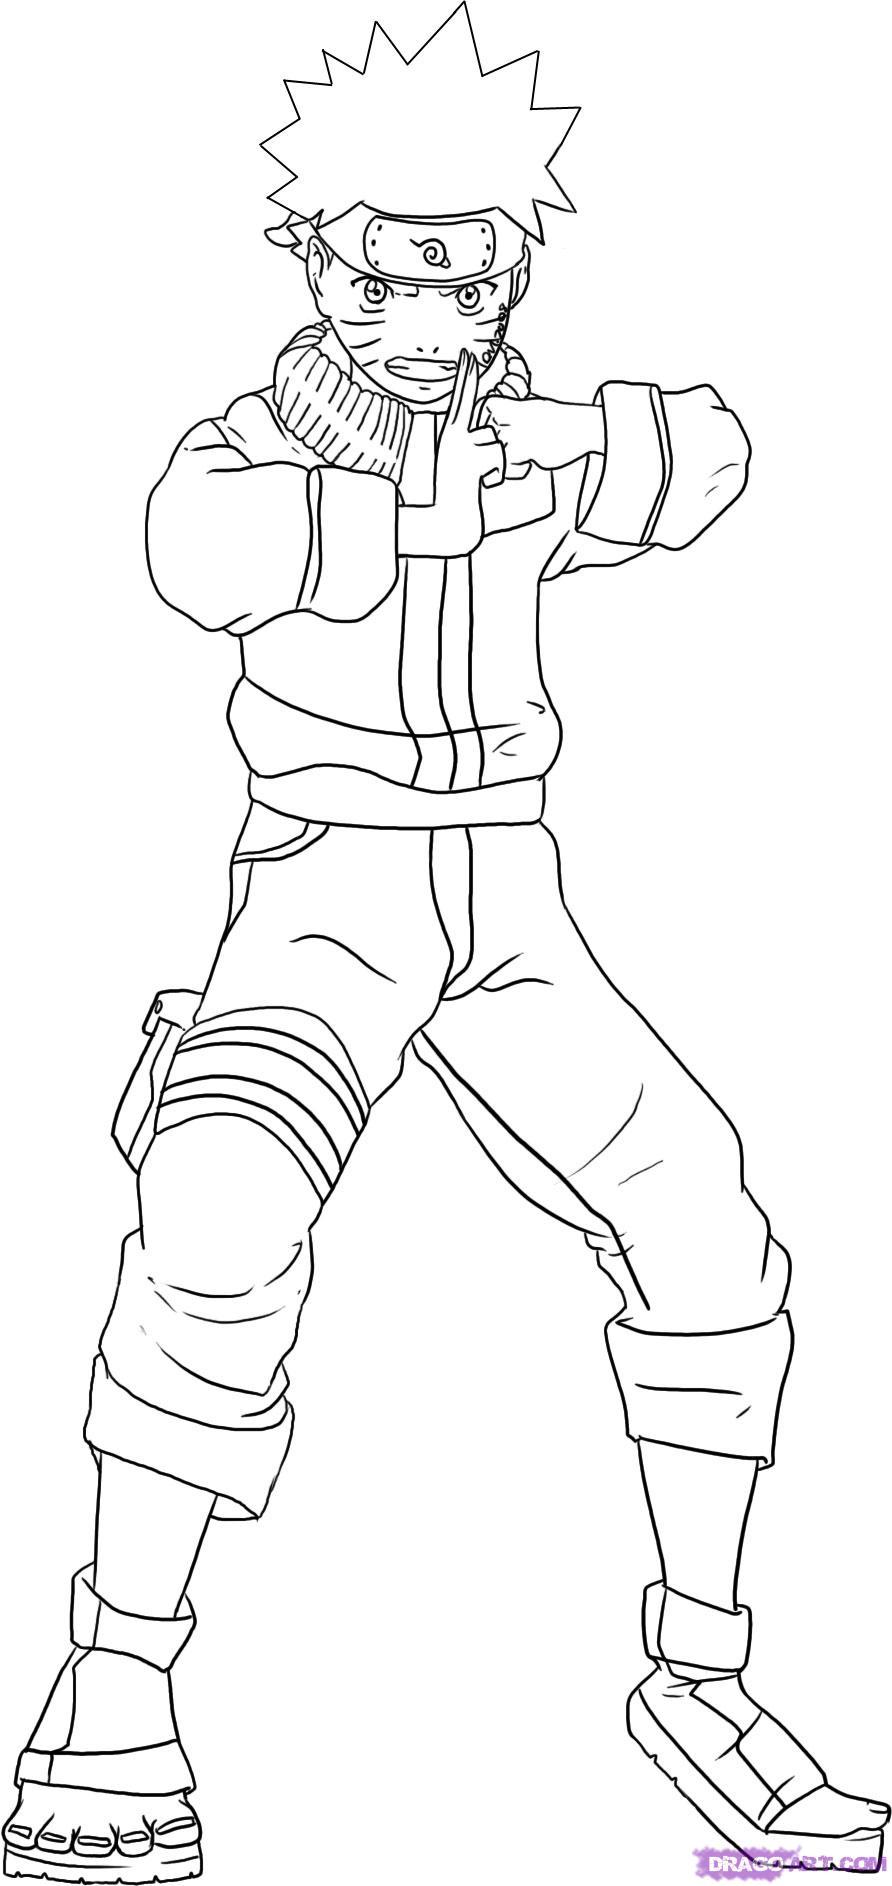 Sasuke Uchiha And Itachi Uchiha Drawings